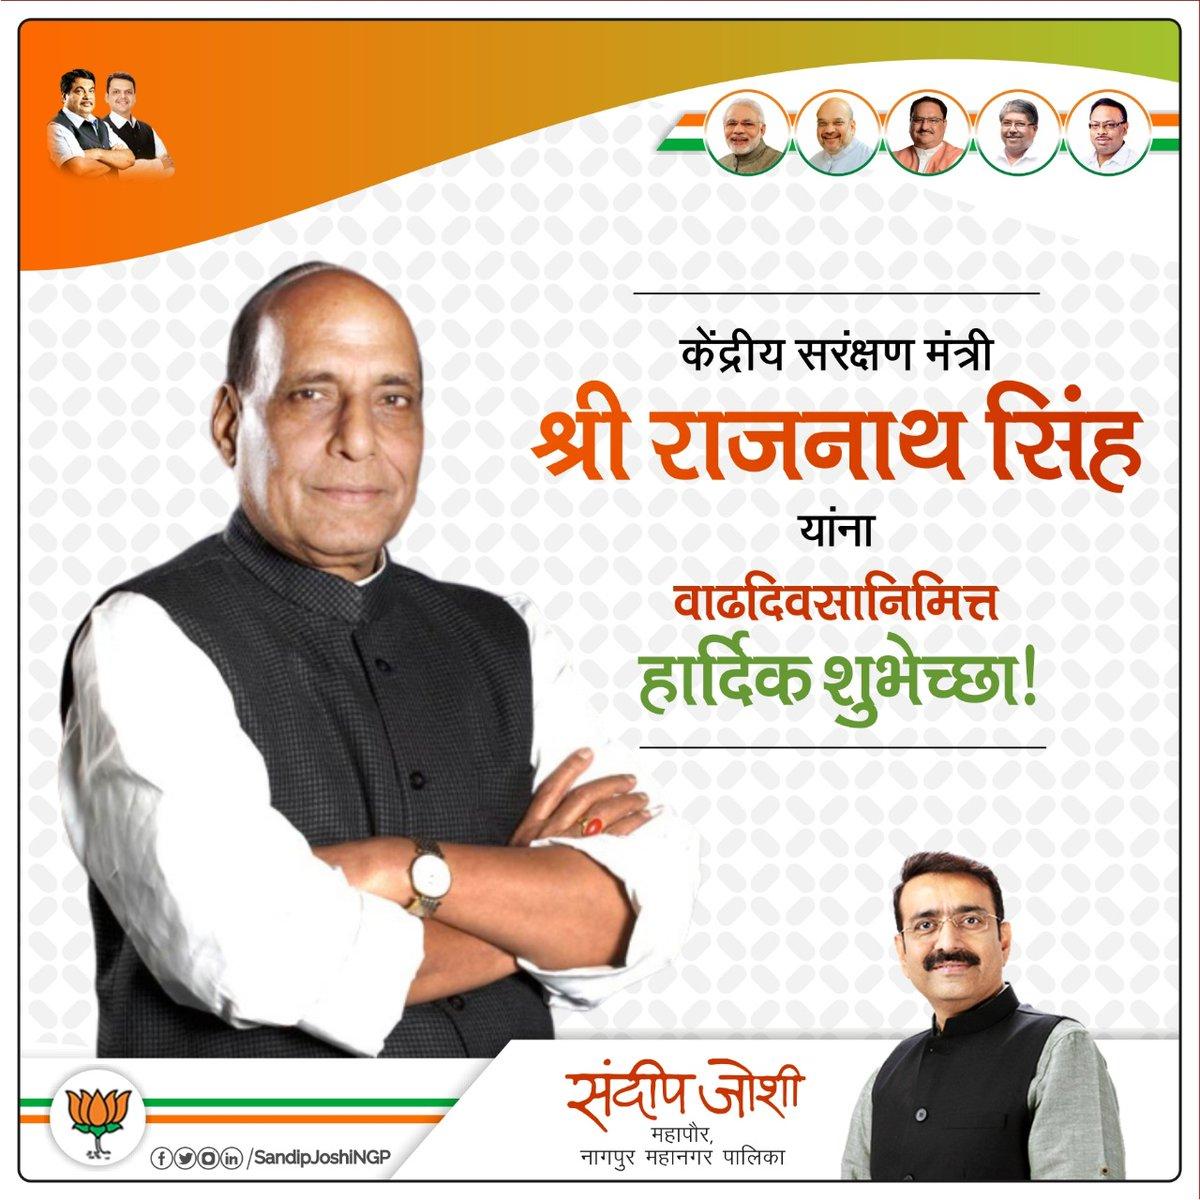 भारतीय जनता पार्टी चे वरिष्ठ नेता, आणि केंद्रीय संरक्षण मंत्री मा. श्री @rajnathsingh जी यांना वाढदिवसानिमित्त हार्दिक शुभेच्छा. #SandipJoshi https://t.co/bOwT6k0rb1